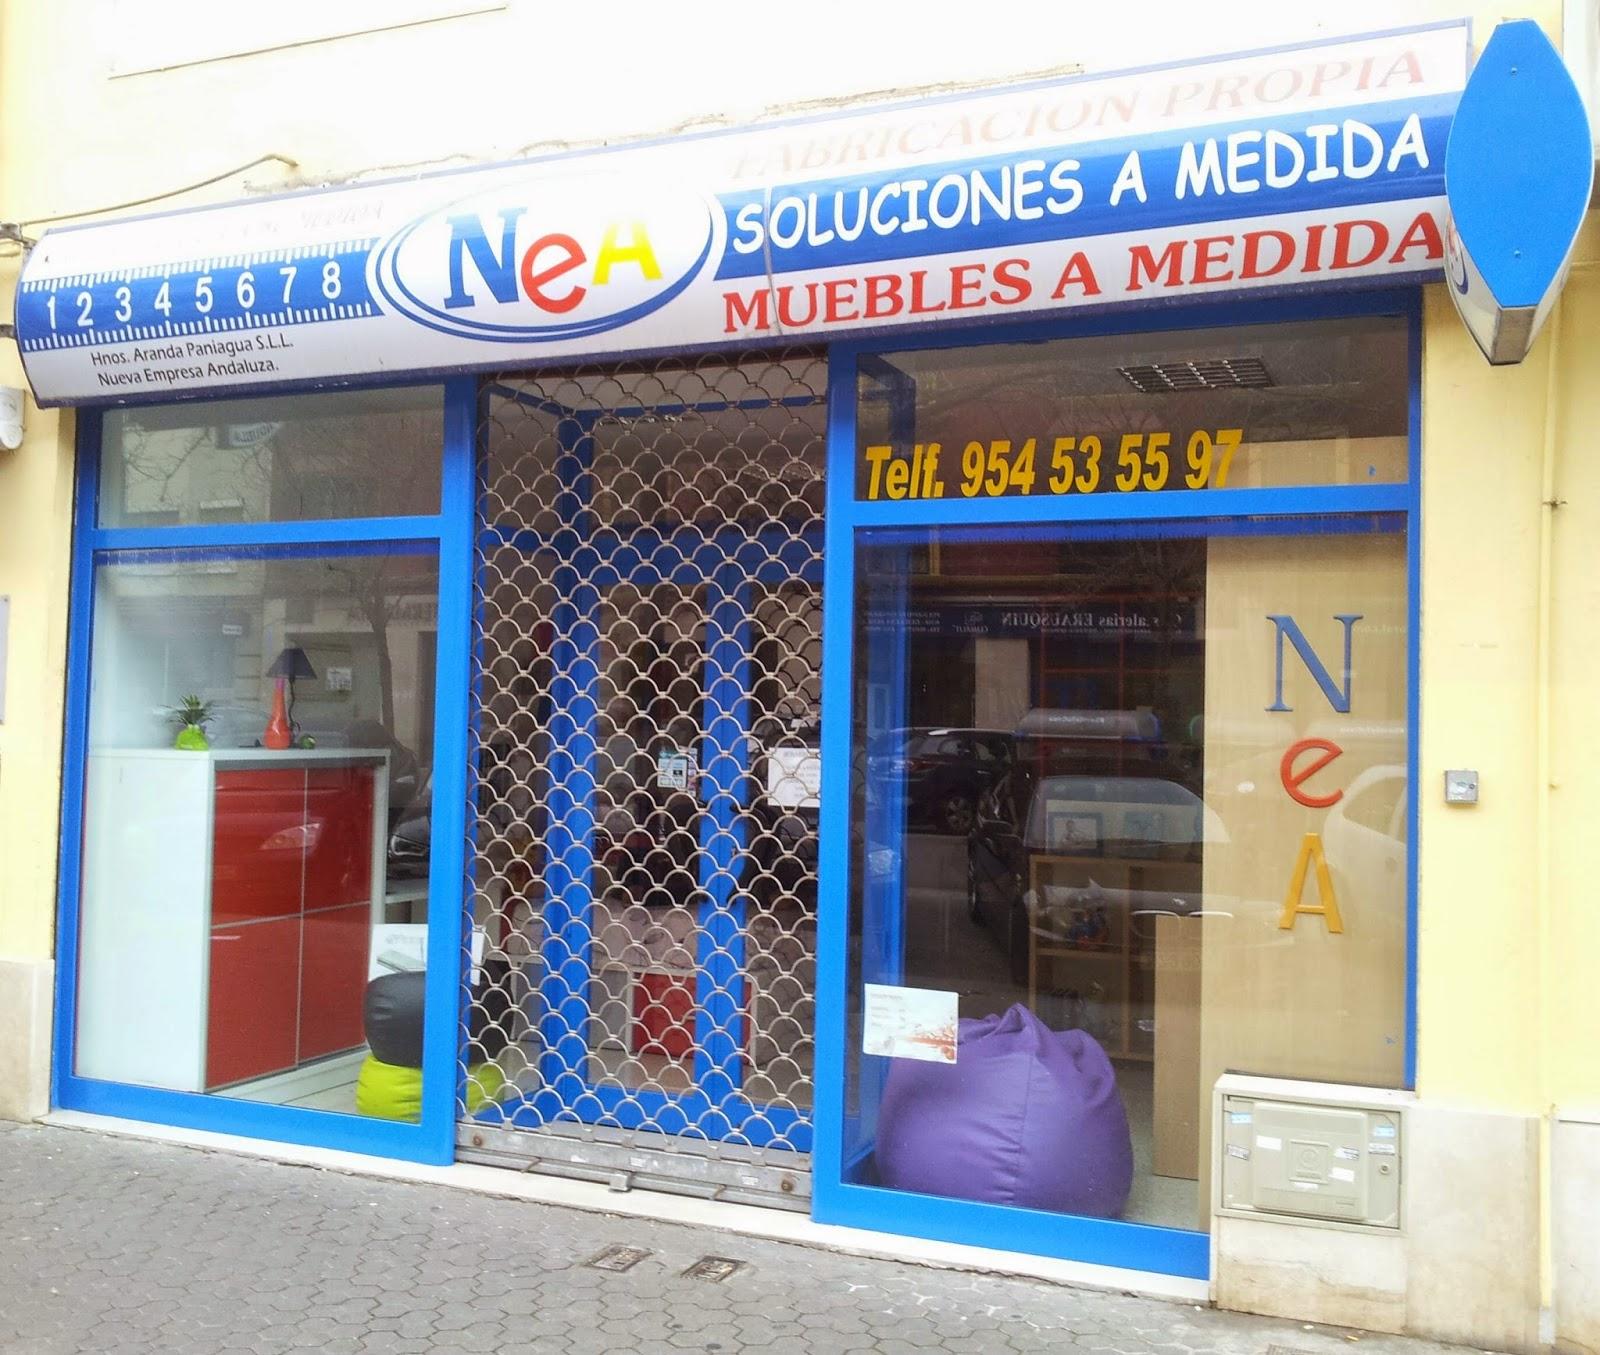 Nea Muebles A Medida Visita Y Anota Este Blog Con Boosterblog Es # Nea Muebles A Medida